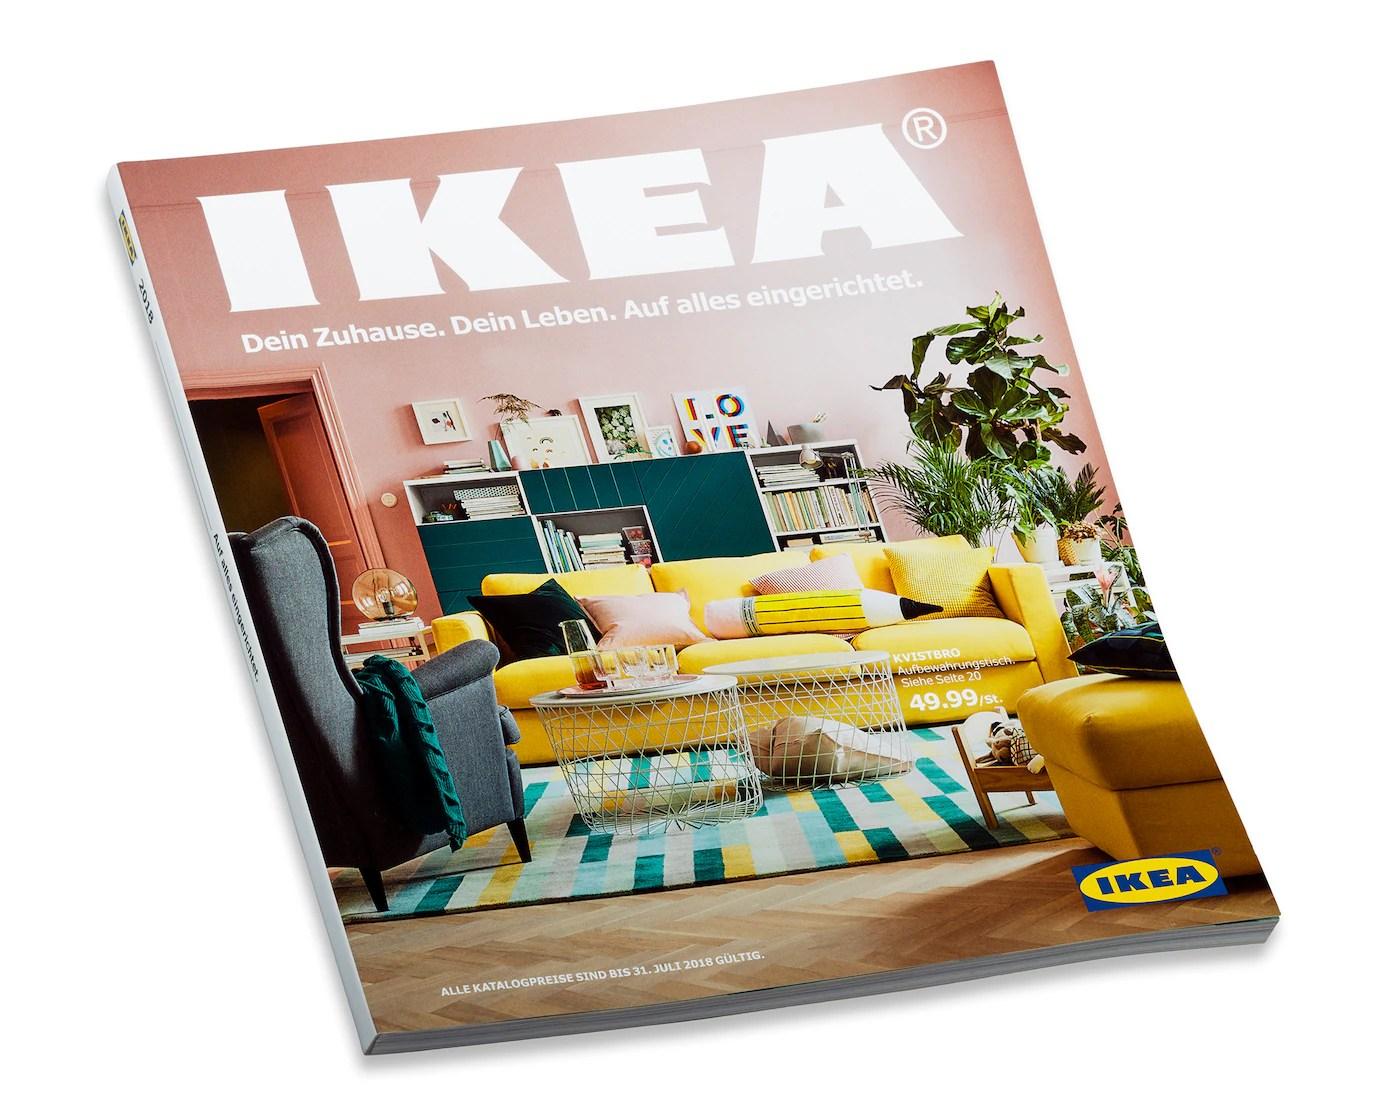 Ikea Katalog Pressebilder Titelbild Mehr Ikea